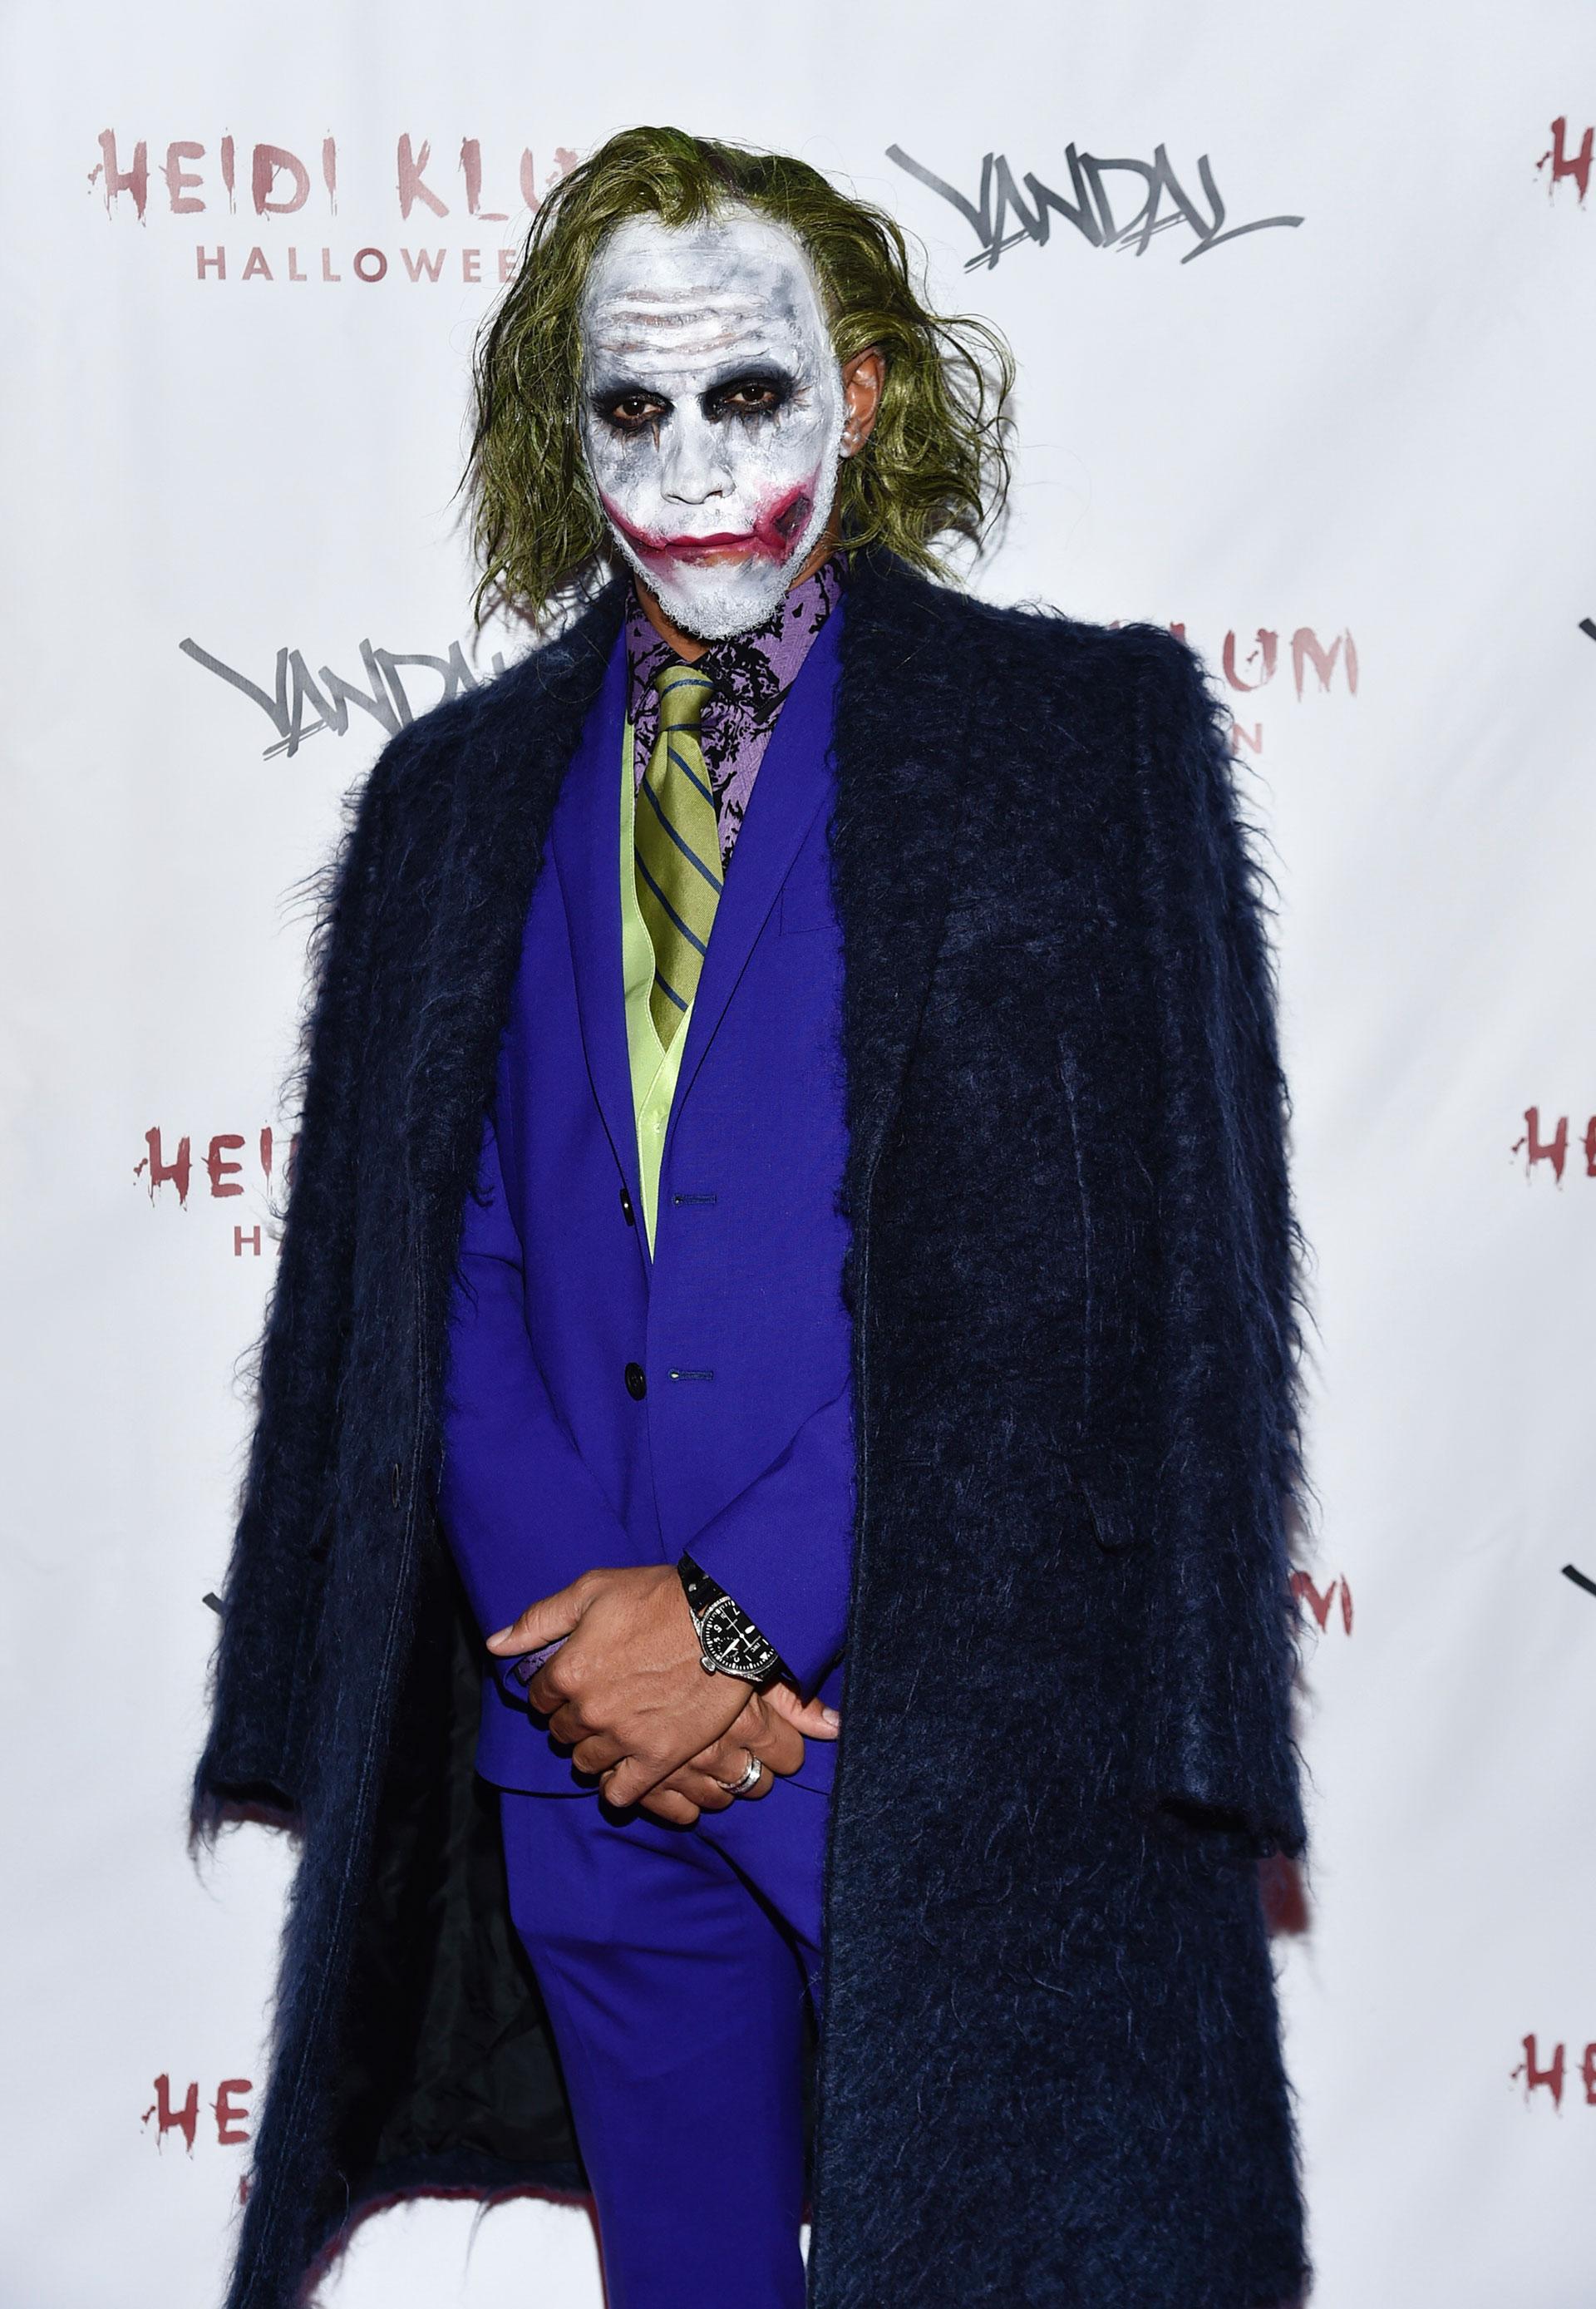 La fiesta de Heidi Klum para Halloween: de qué se disfrazaron las ...